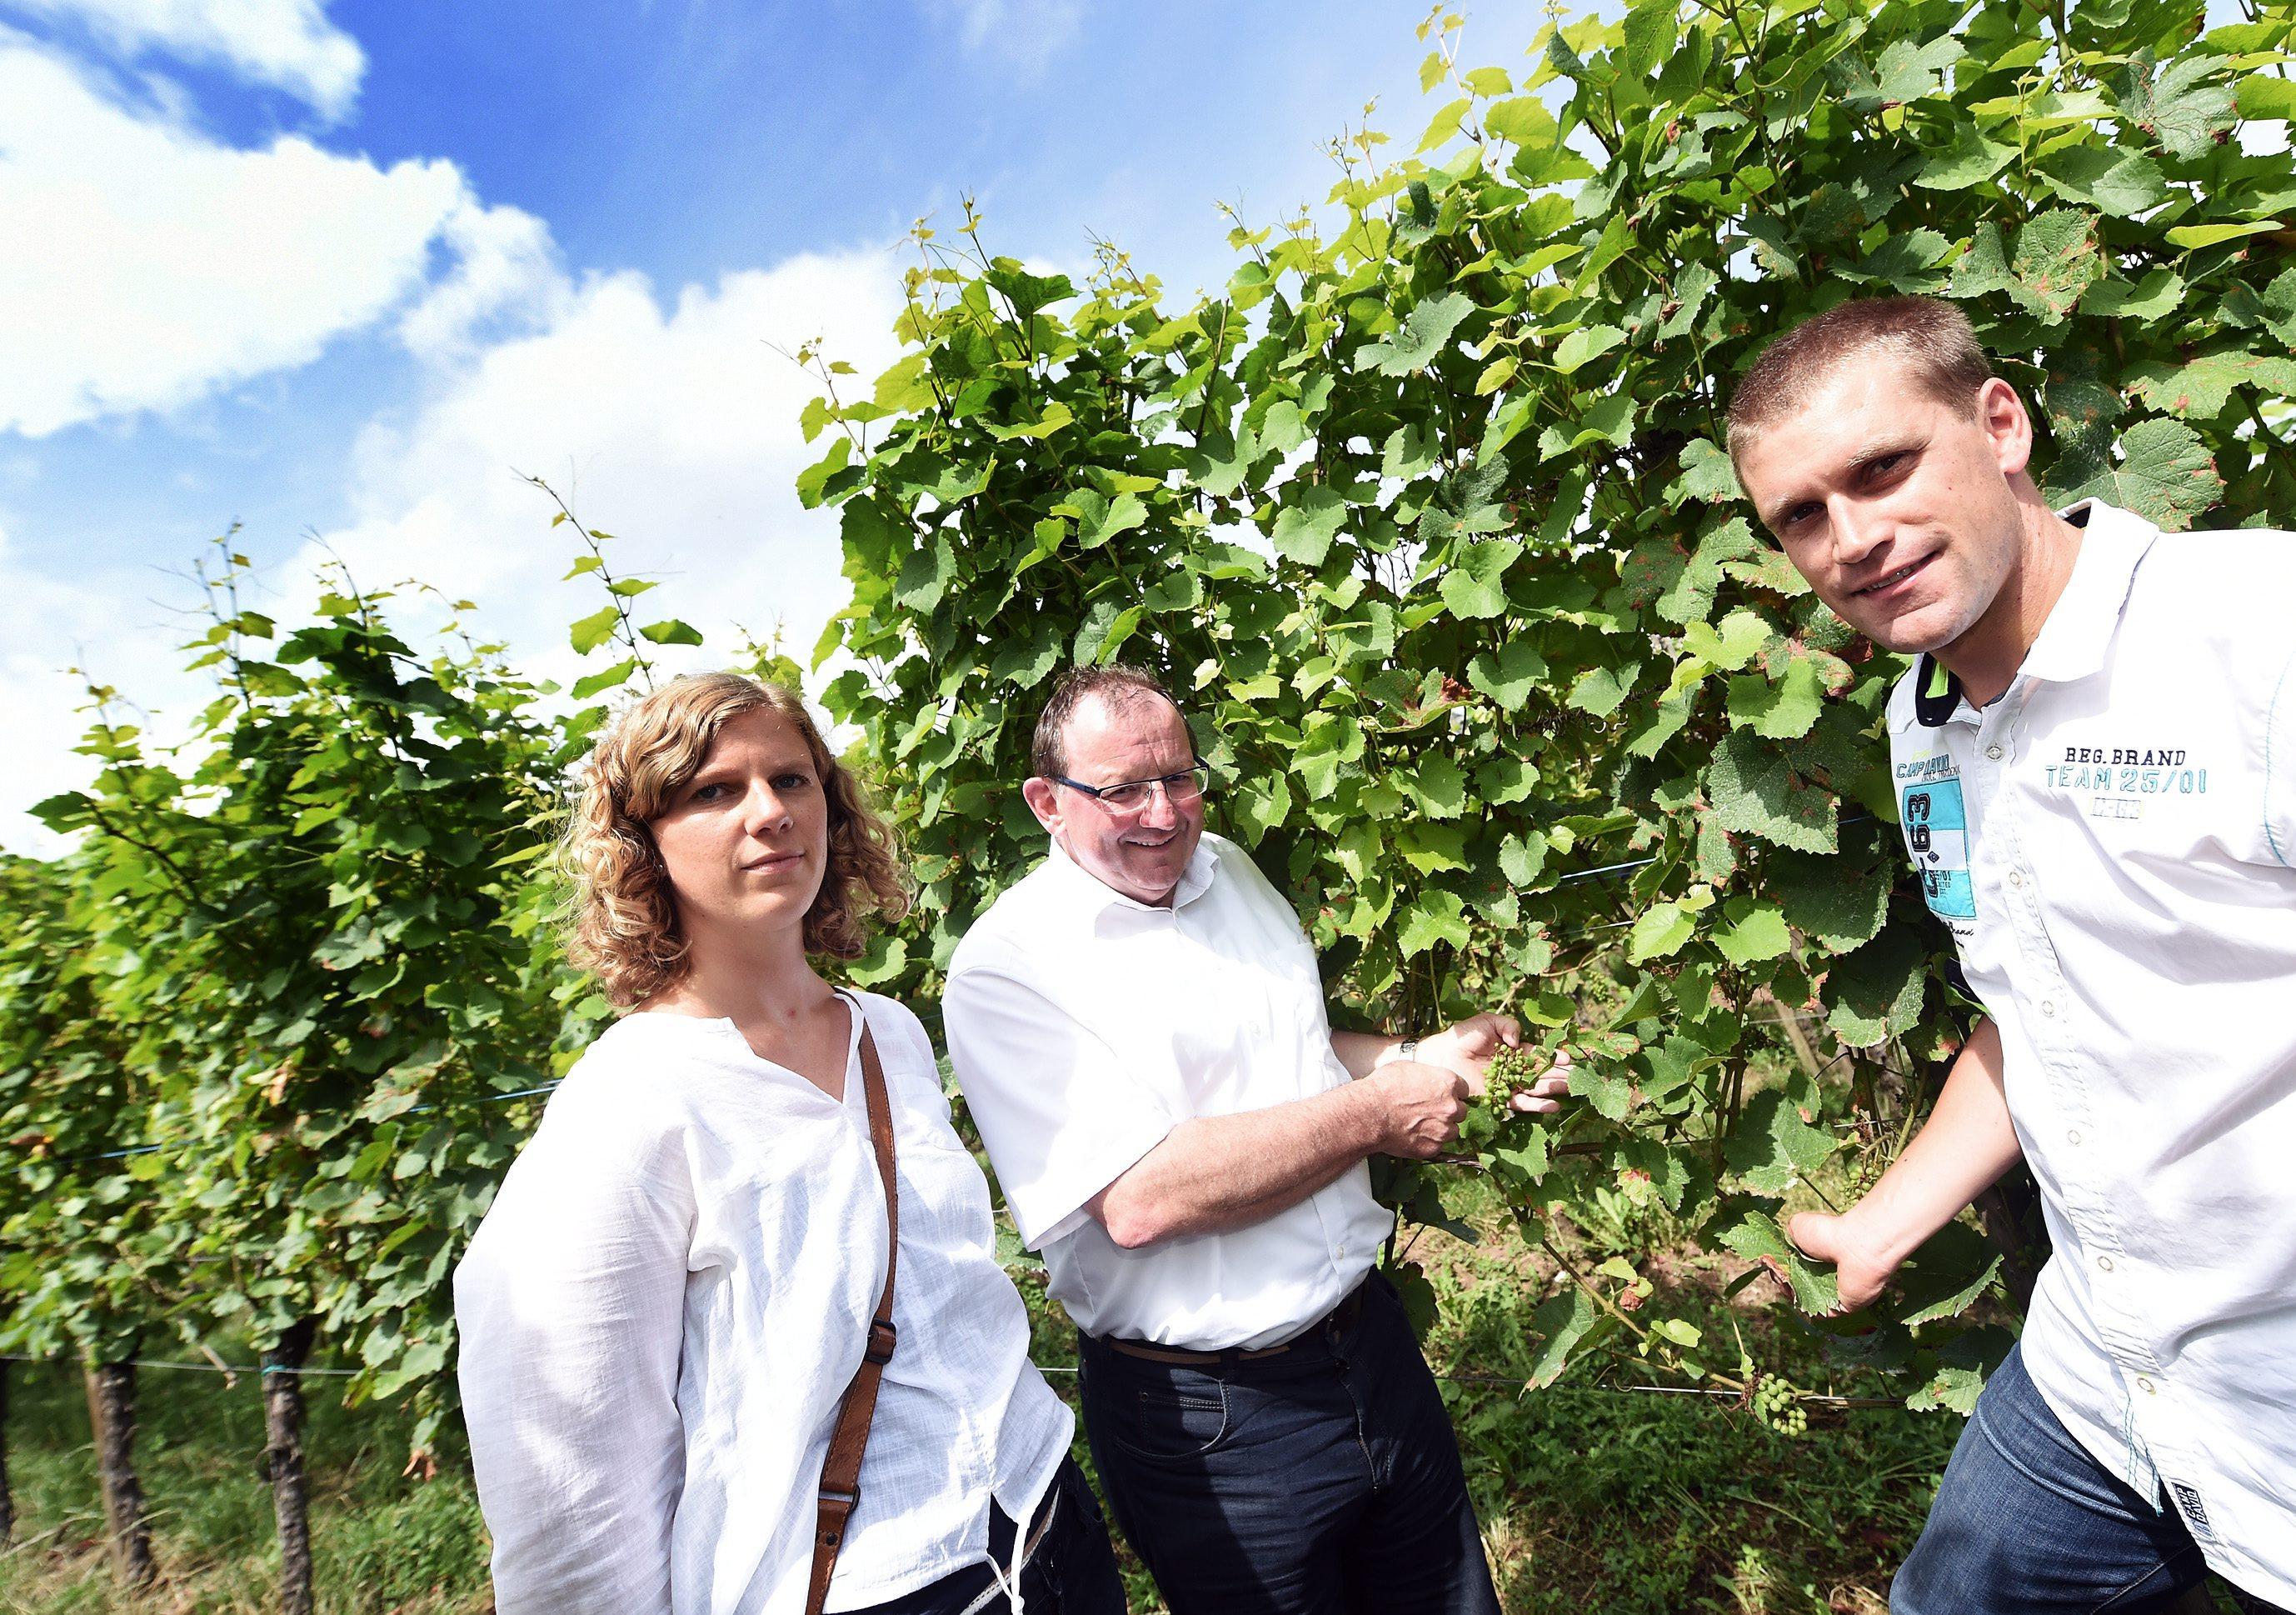 ernand Etgen, entouré de Mareike Schulz et Robby Mannes, constate les dégâts causés par le mildiou. Jamais la maladie n'avait été aussi dévastatrice. (photo Isabella Finzi)